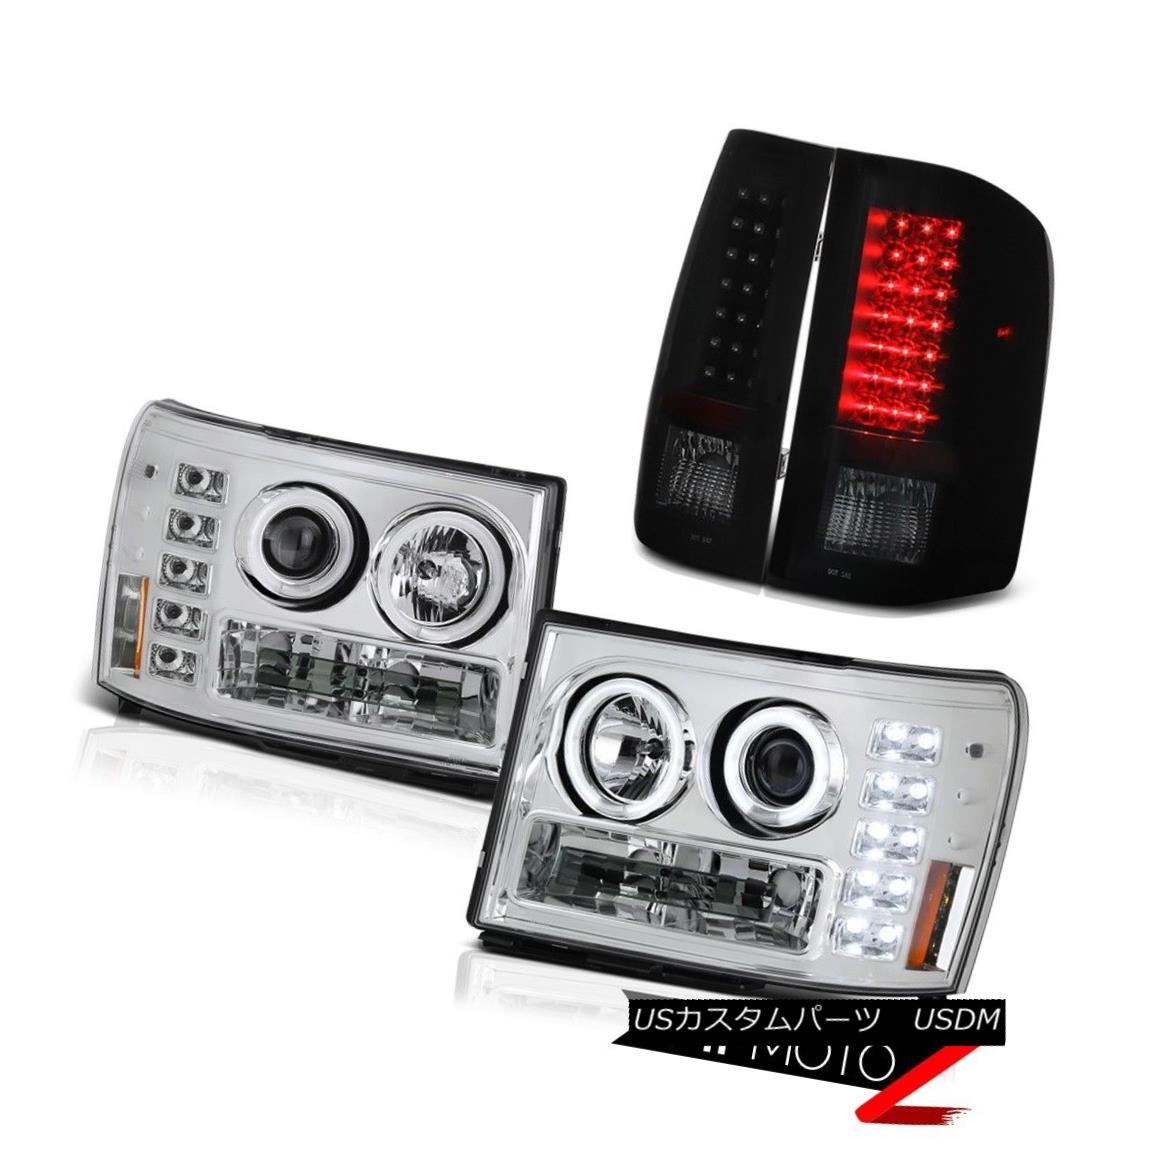 テールライト 08-14 GMC Sierra 3500 Denali Headlights CCFL RIng Sinister Black LED Tail Light 08-14 GMC Sierra 3500デナリヘッドライトCCFL RIngシニスターブラックLEDテールライト